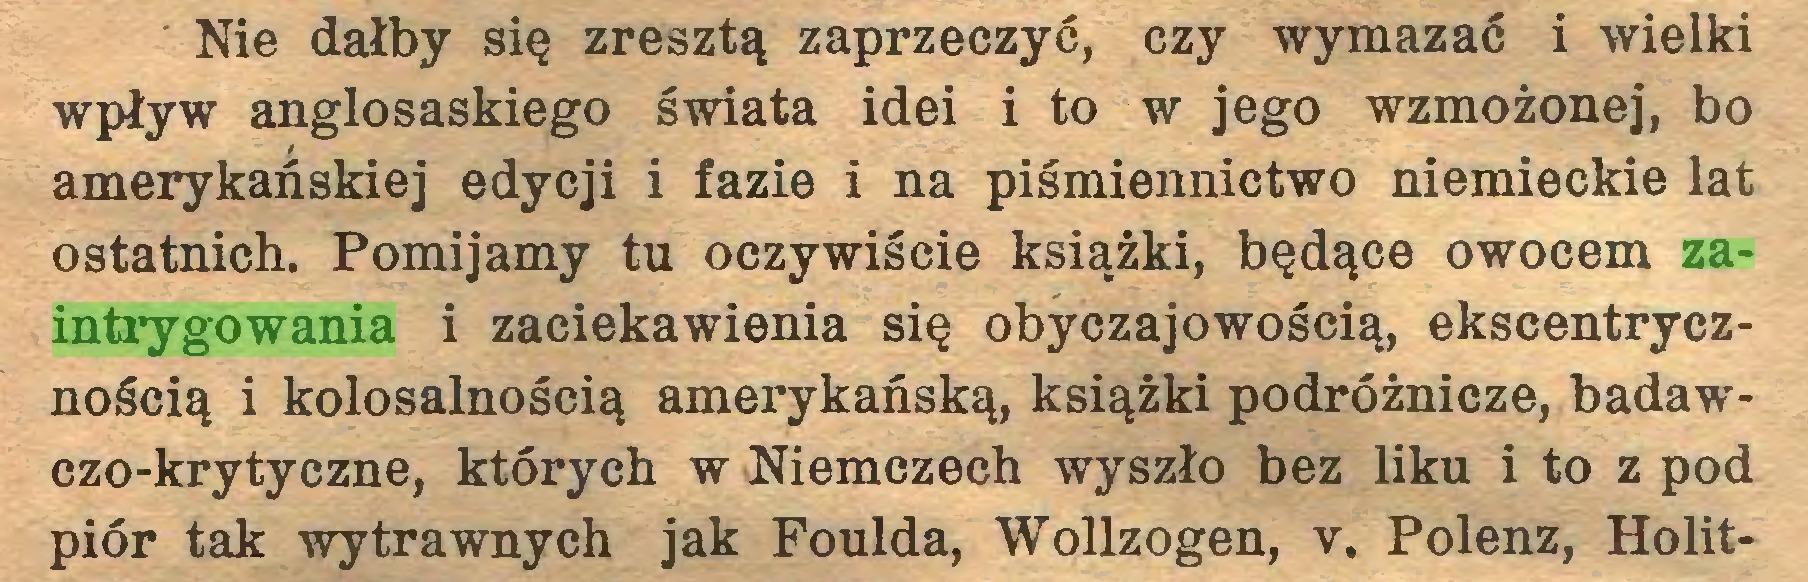 (...) Nie dałby się zresztą zaprzeczyć, czy wymazać i wielki wpływ anglosaskiego świata idei i to w jego wzmożonej, bo amerykańskiej edycji i fazie i na piśmiennictwo niemieckie lat ostatnich. Pomijamy tu oczywiście książki, będące owocem zaintrygowania i zaciekawienia się obyczajowością, ekscentrycznością i kolosalnością amerykańską, książki podróżnicze, badawczo-krytyczne, których w Niemczech wyszło bez liku i to z pod piór tak wytrawnych jak Foulda, Wollzogen, v. Polenz, Holit...